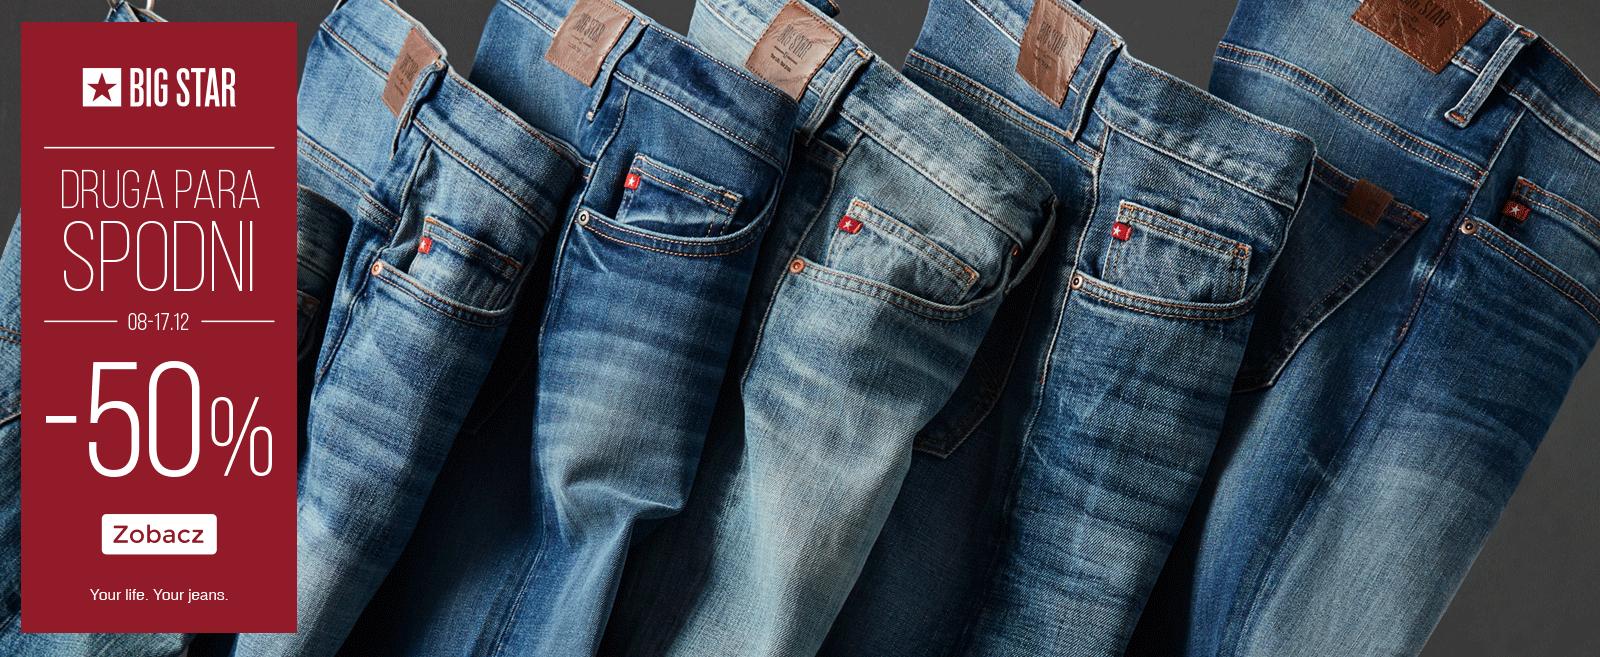 -50% na drugą parę spodni (także w outletach) @ Big Star